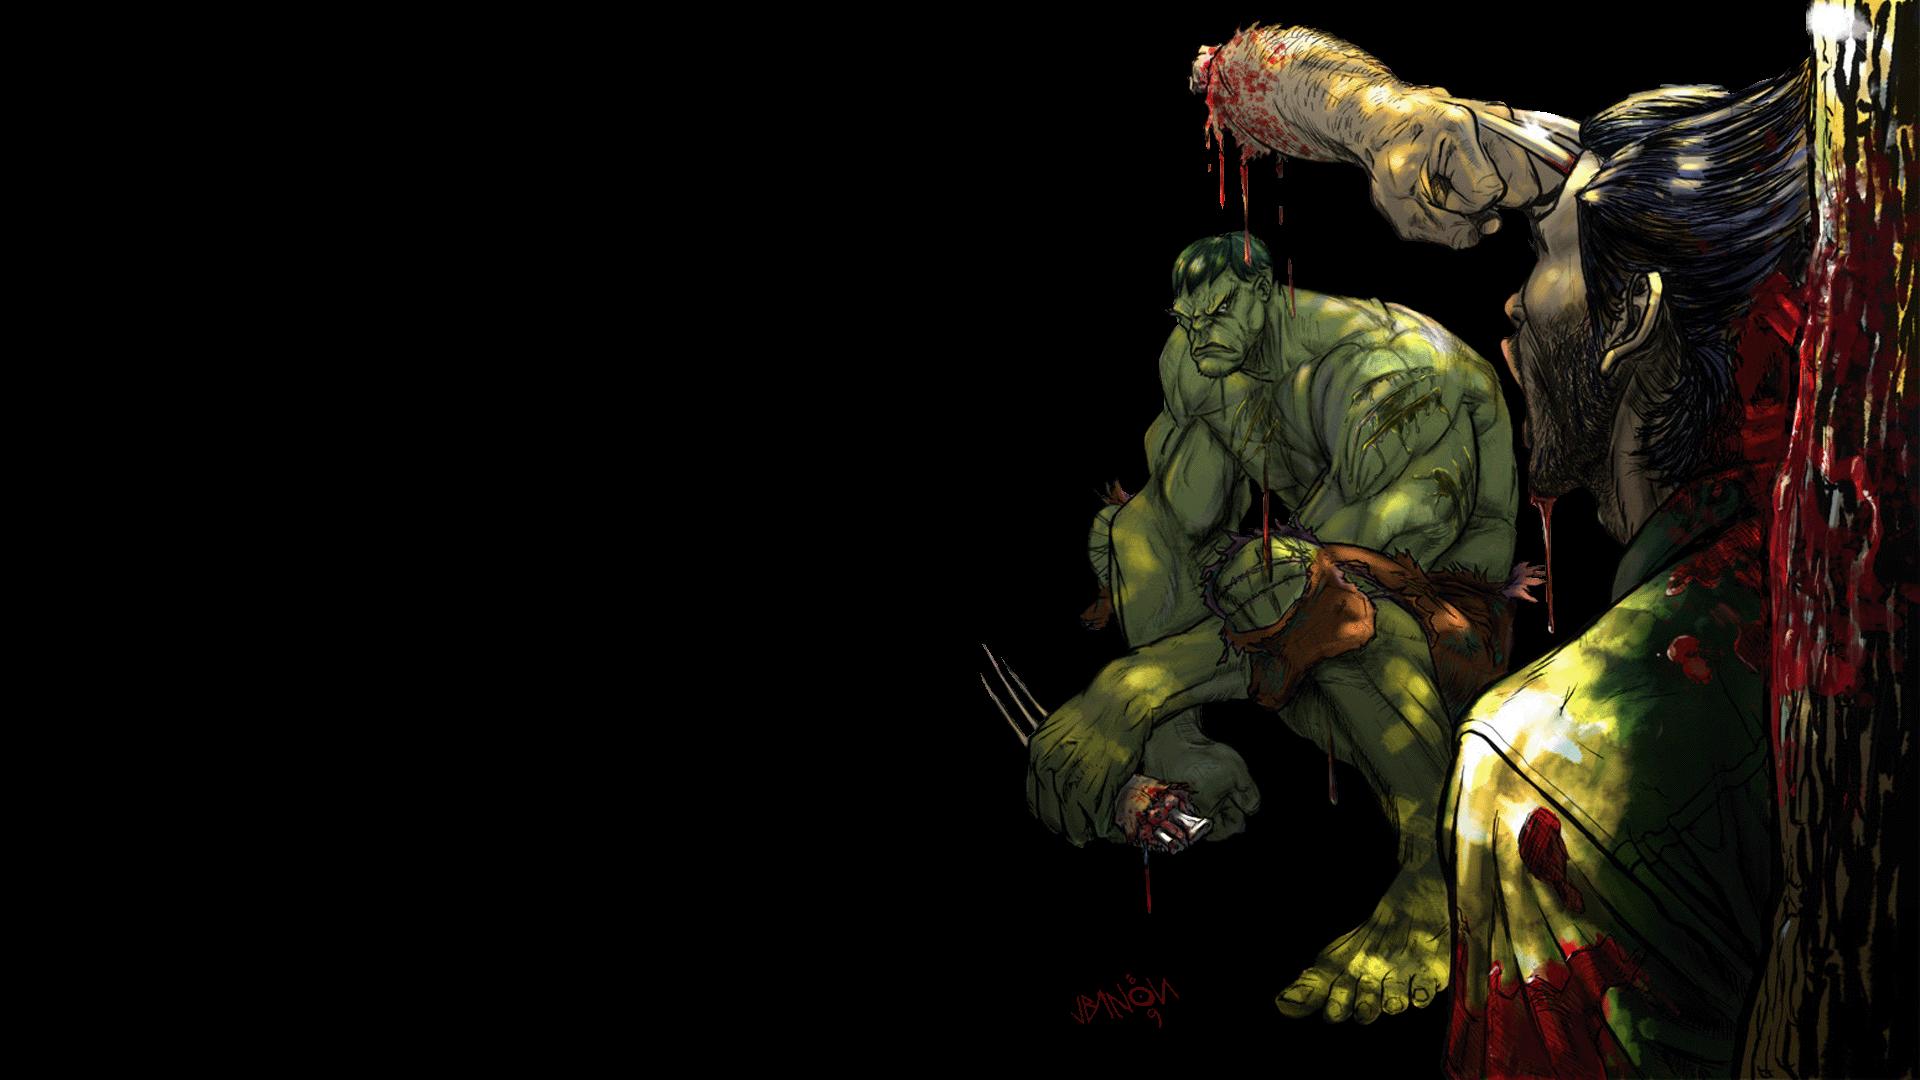 Hulk Wallpapers For Desktop Wallpapersafari